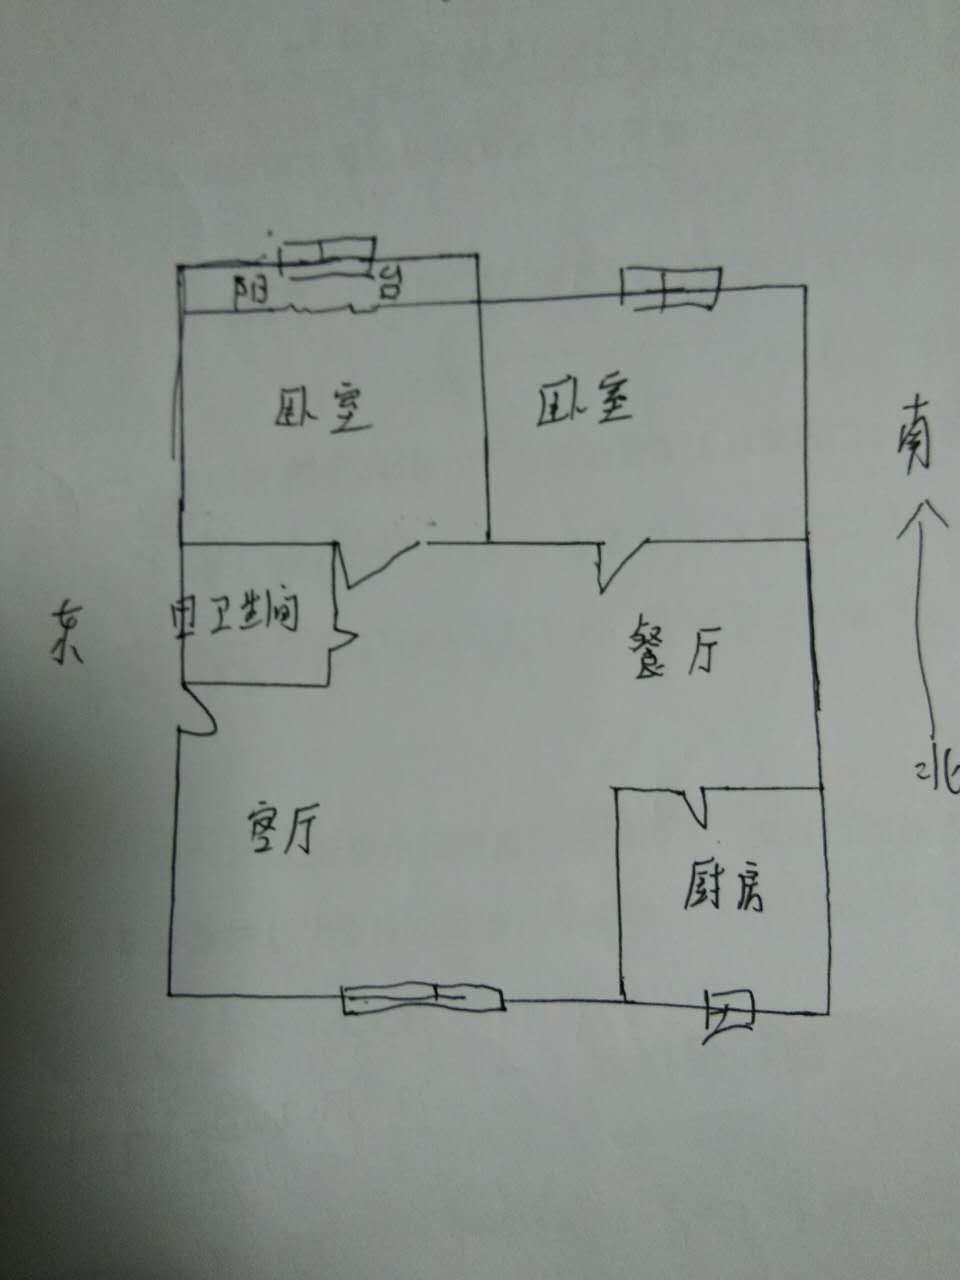 小辛社区 2室2厅 过五年 精装 40万